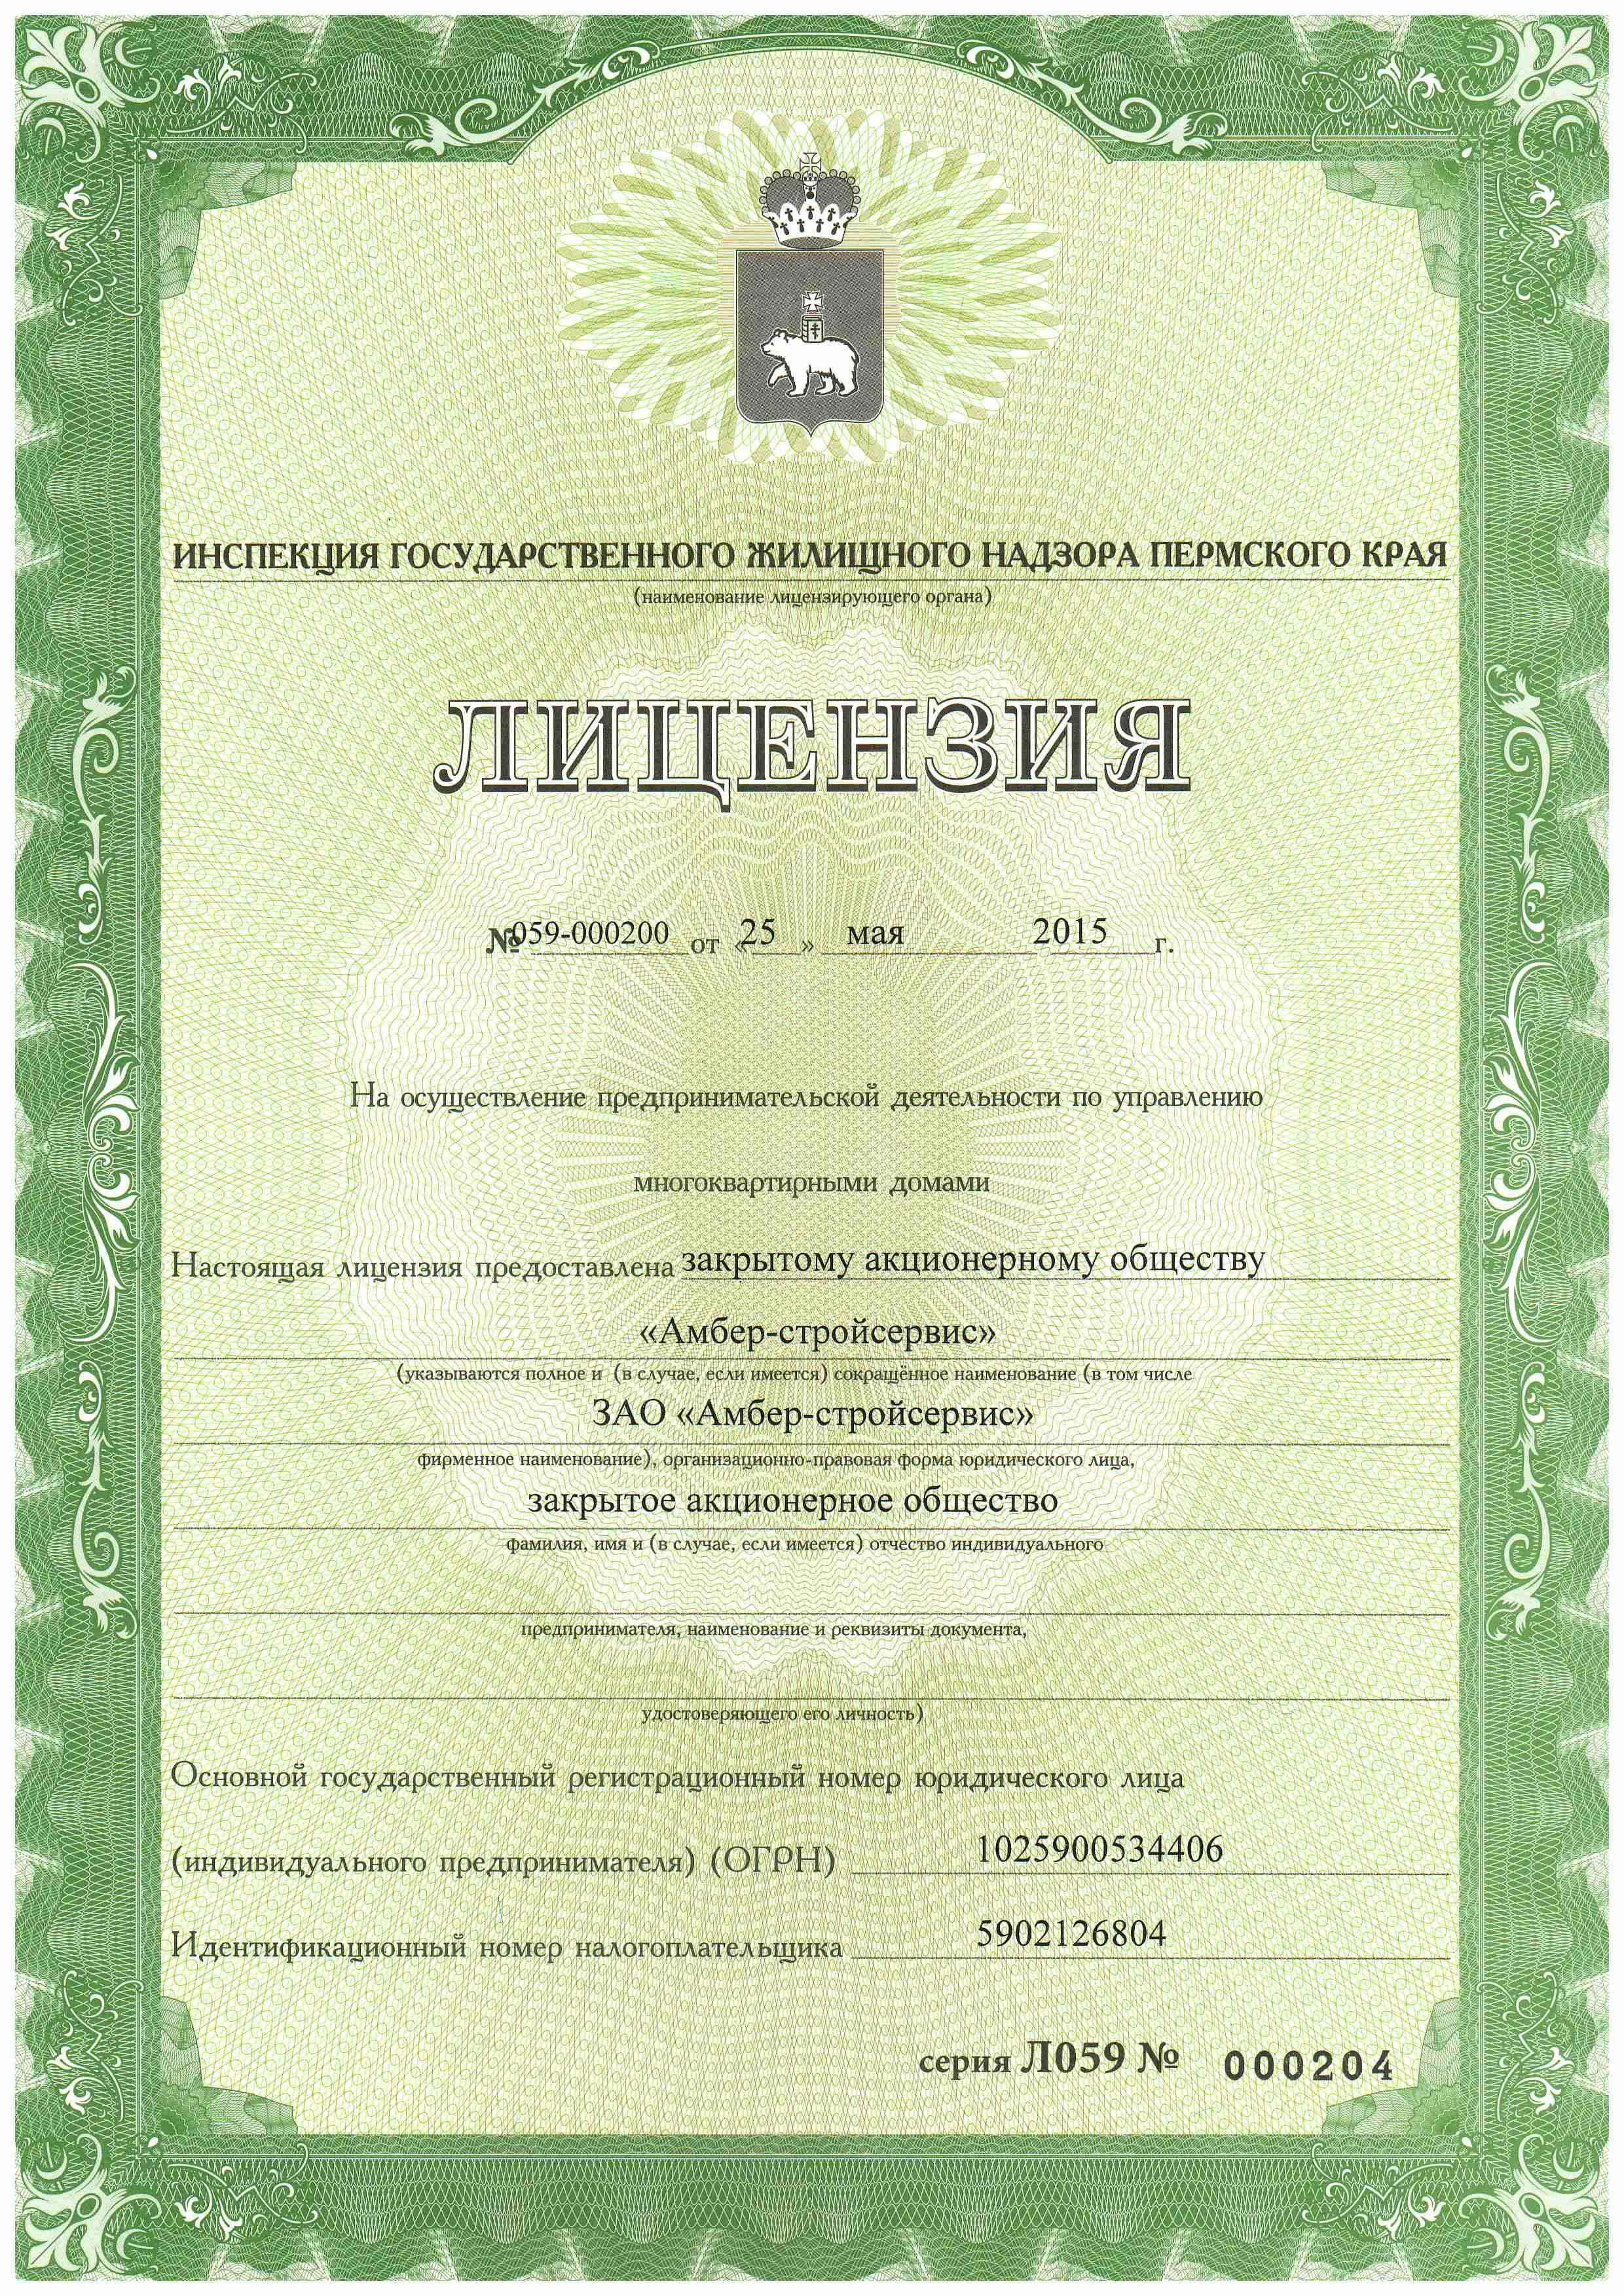 Сайт по лицензированию управляющих компаний сайт ооо компания налко